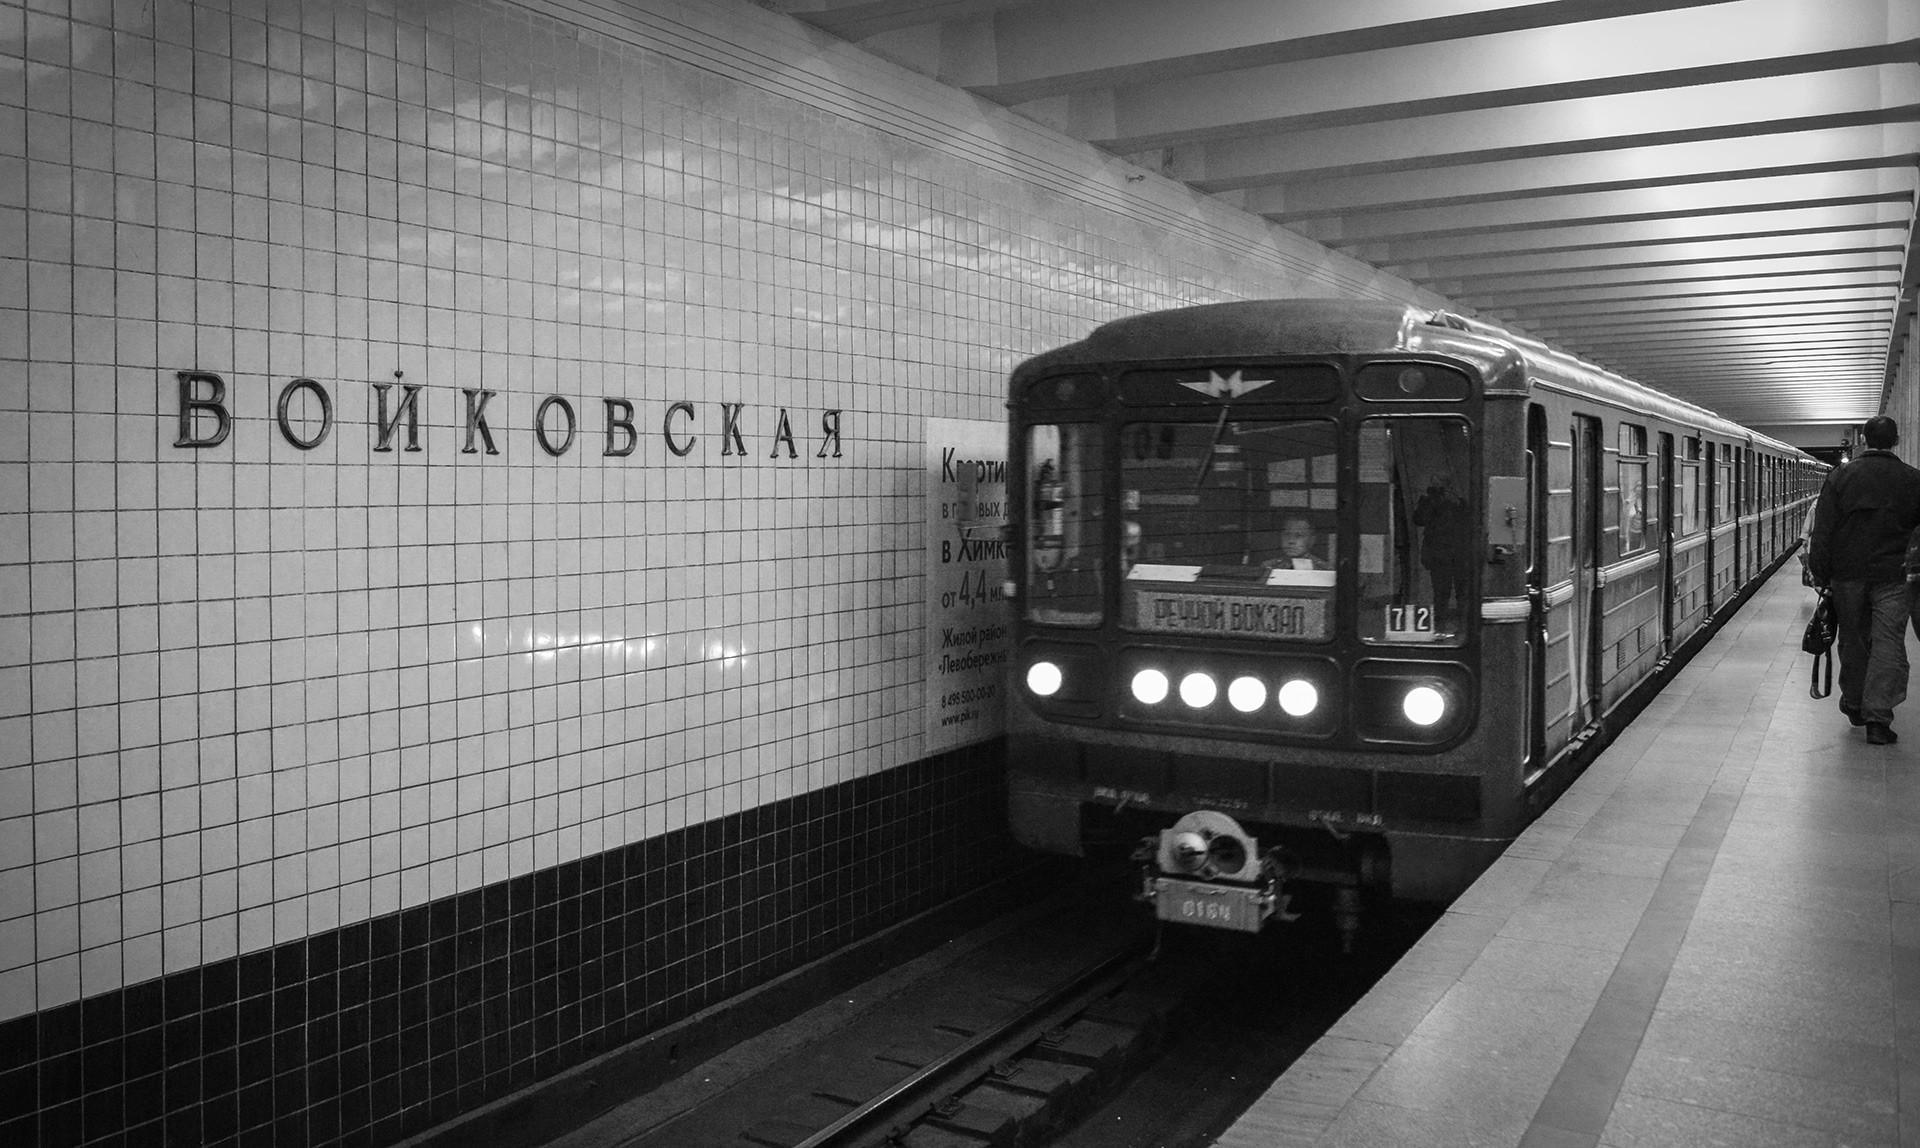 「ヴォイコフスカヤ」駅